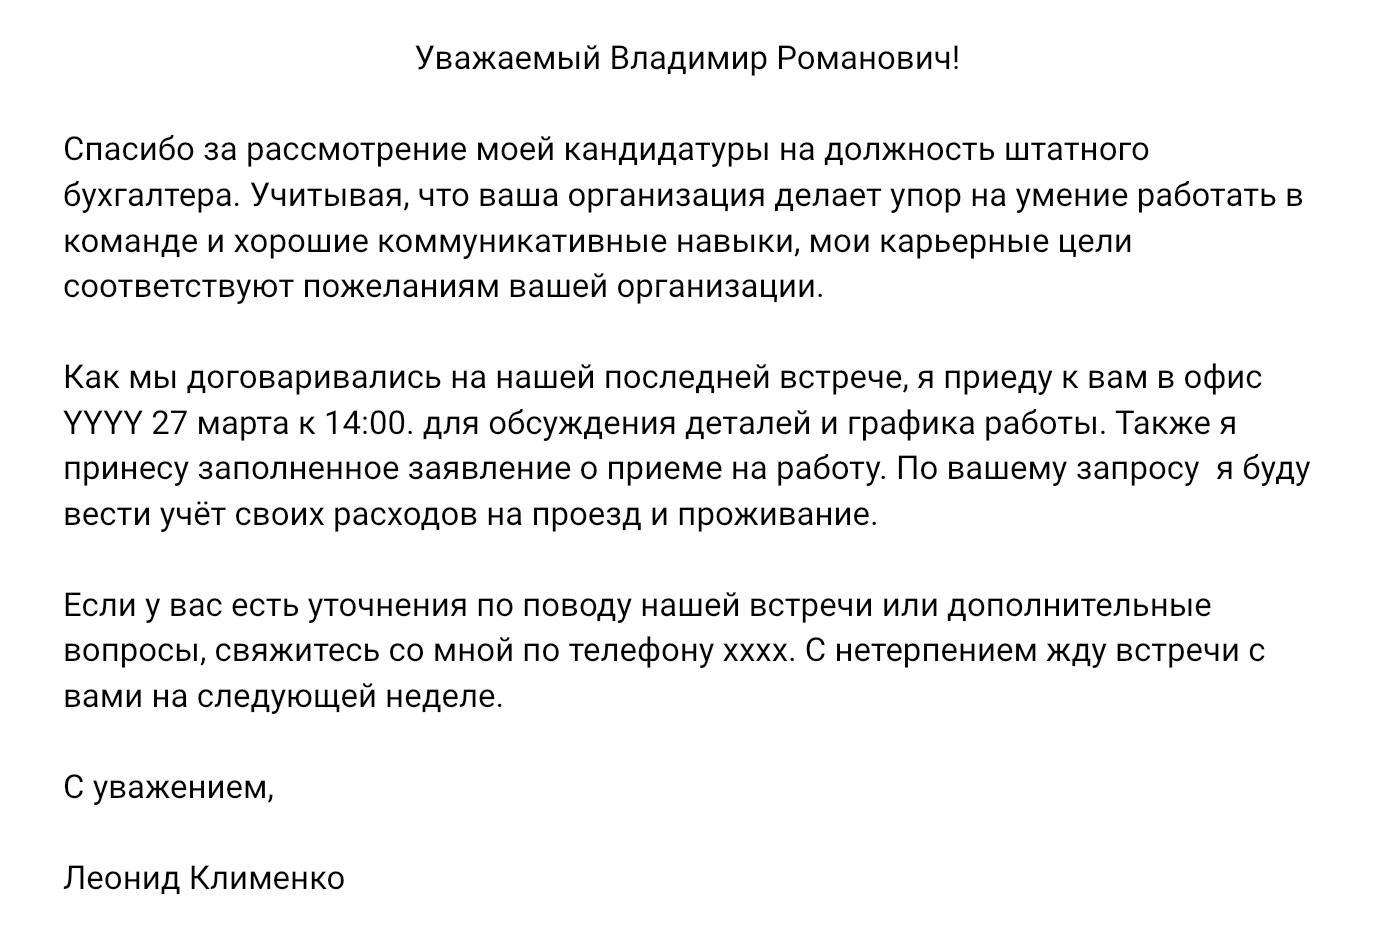 Образец письма с предложением на русском языке